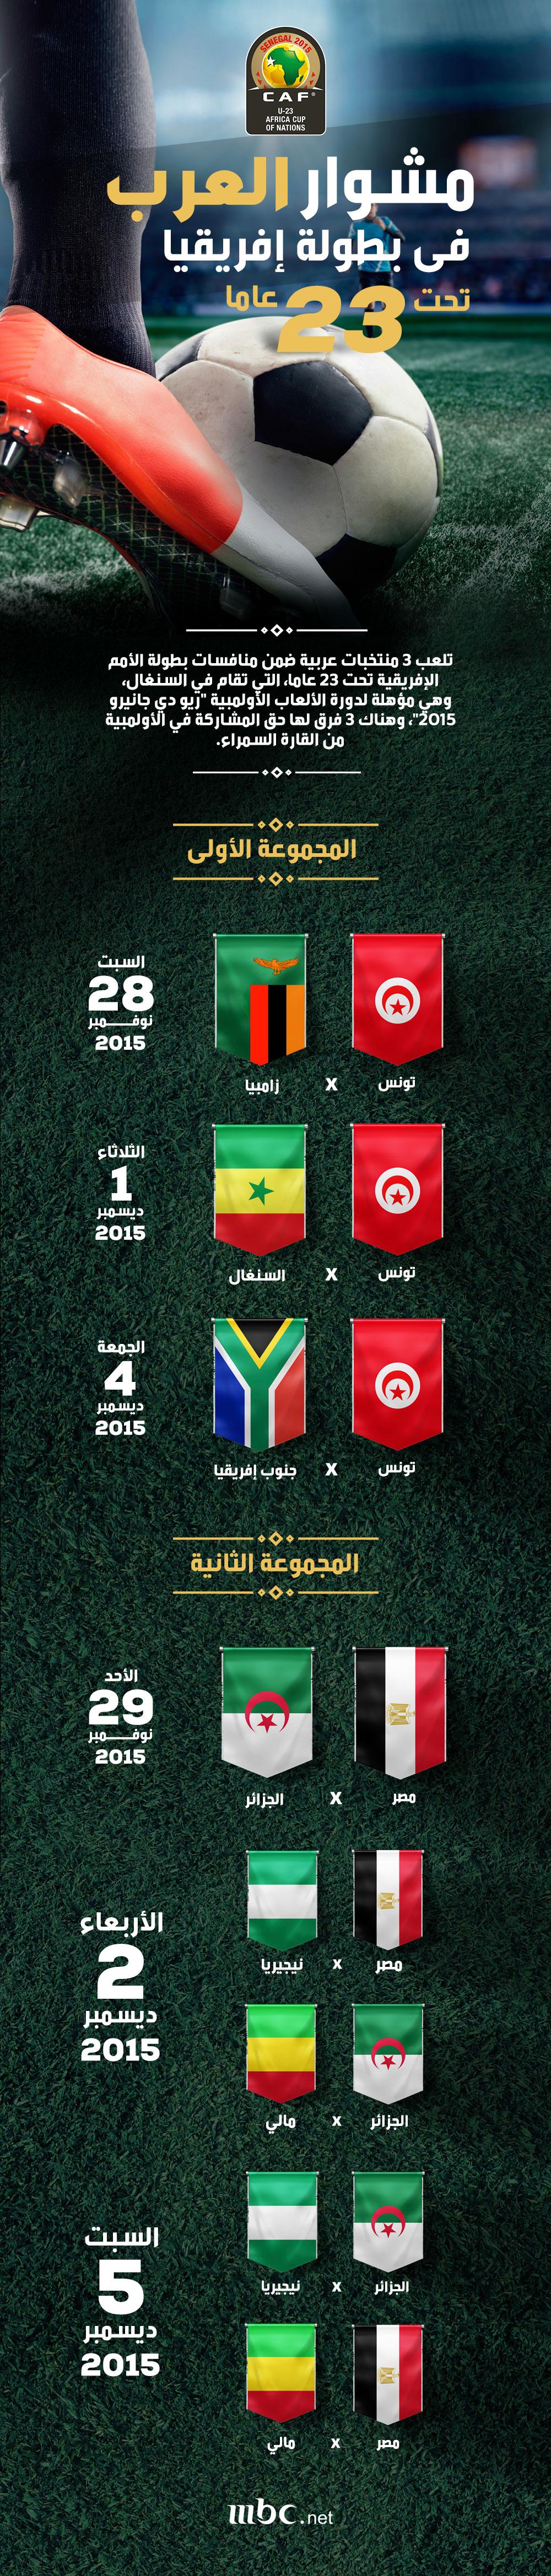 بالصور مواعيد مباريات الجزائر ومصر وتونس في بطولة كأس